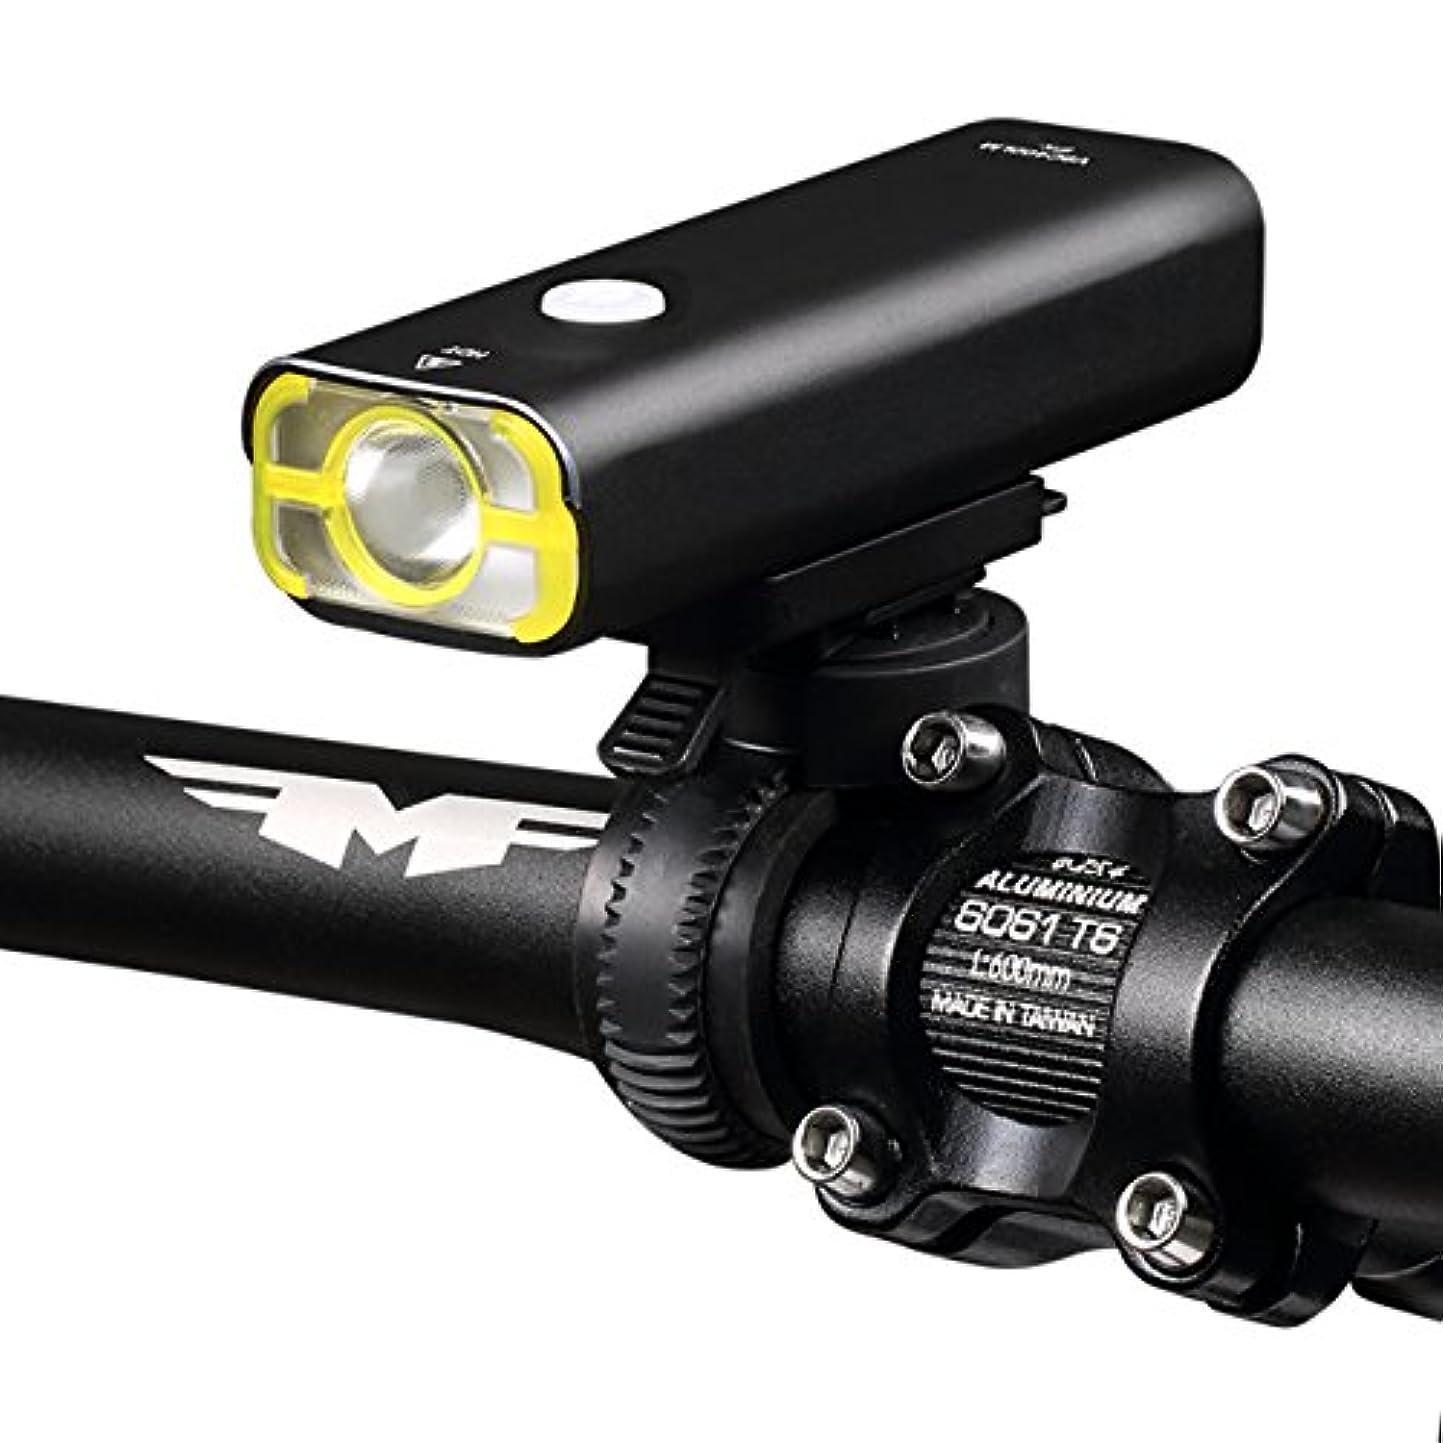 ちなみに不器用啓示Wheel Up 自転車ライト 2500mA USB充電フロントランプ 防水 ハンドル ライディング LEDライト バッテリー 懐中電灯 ヘッドランプ アクセサリー 400ルーメン